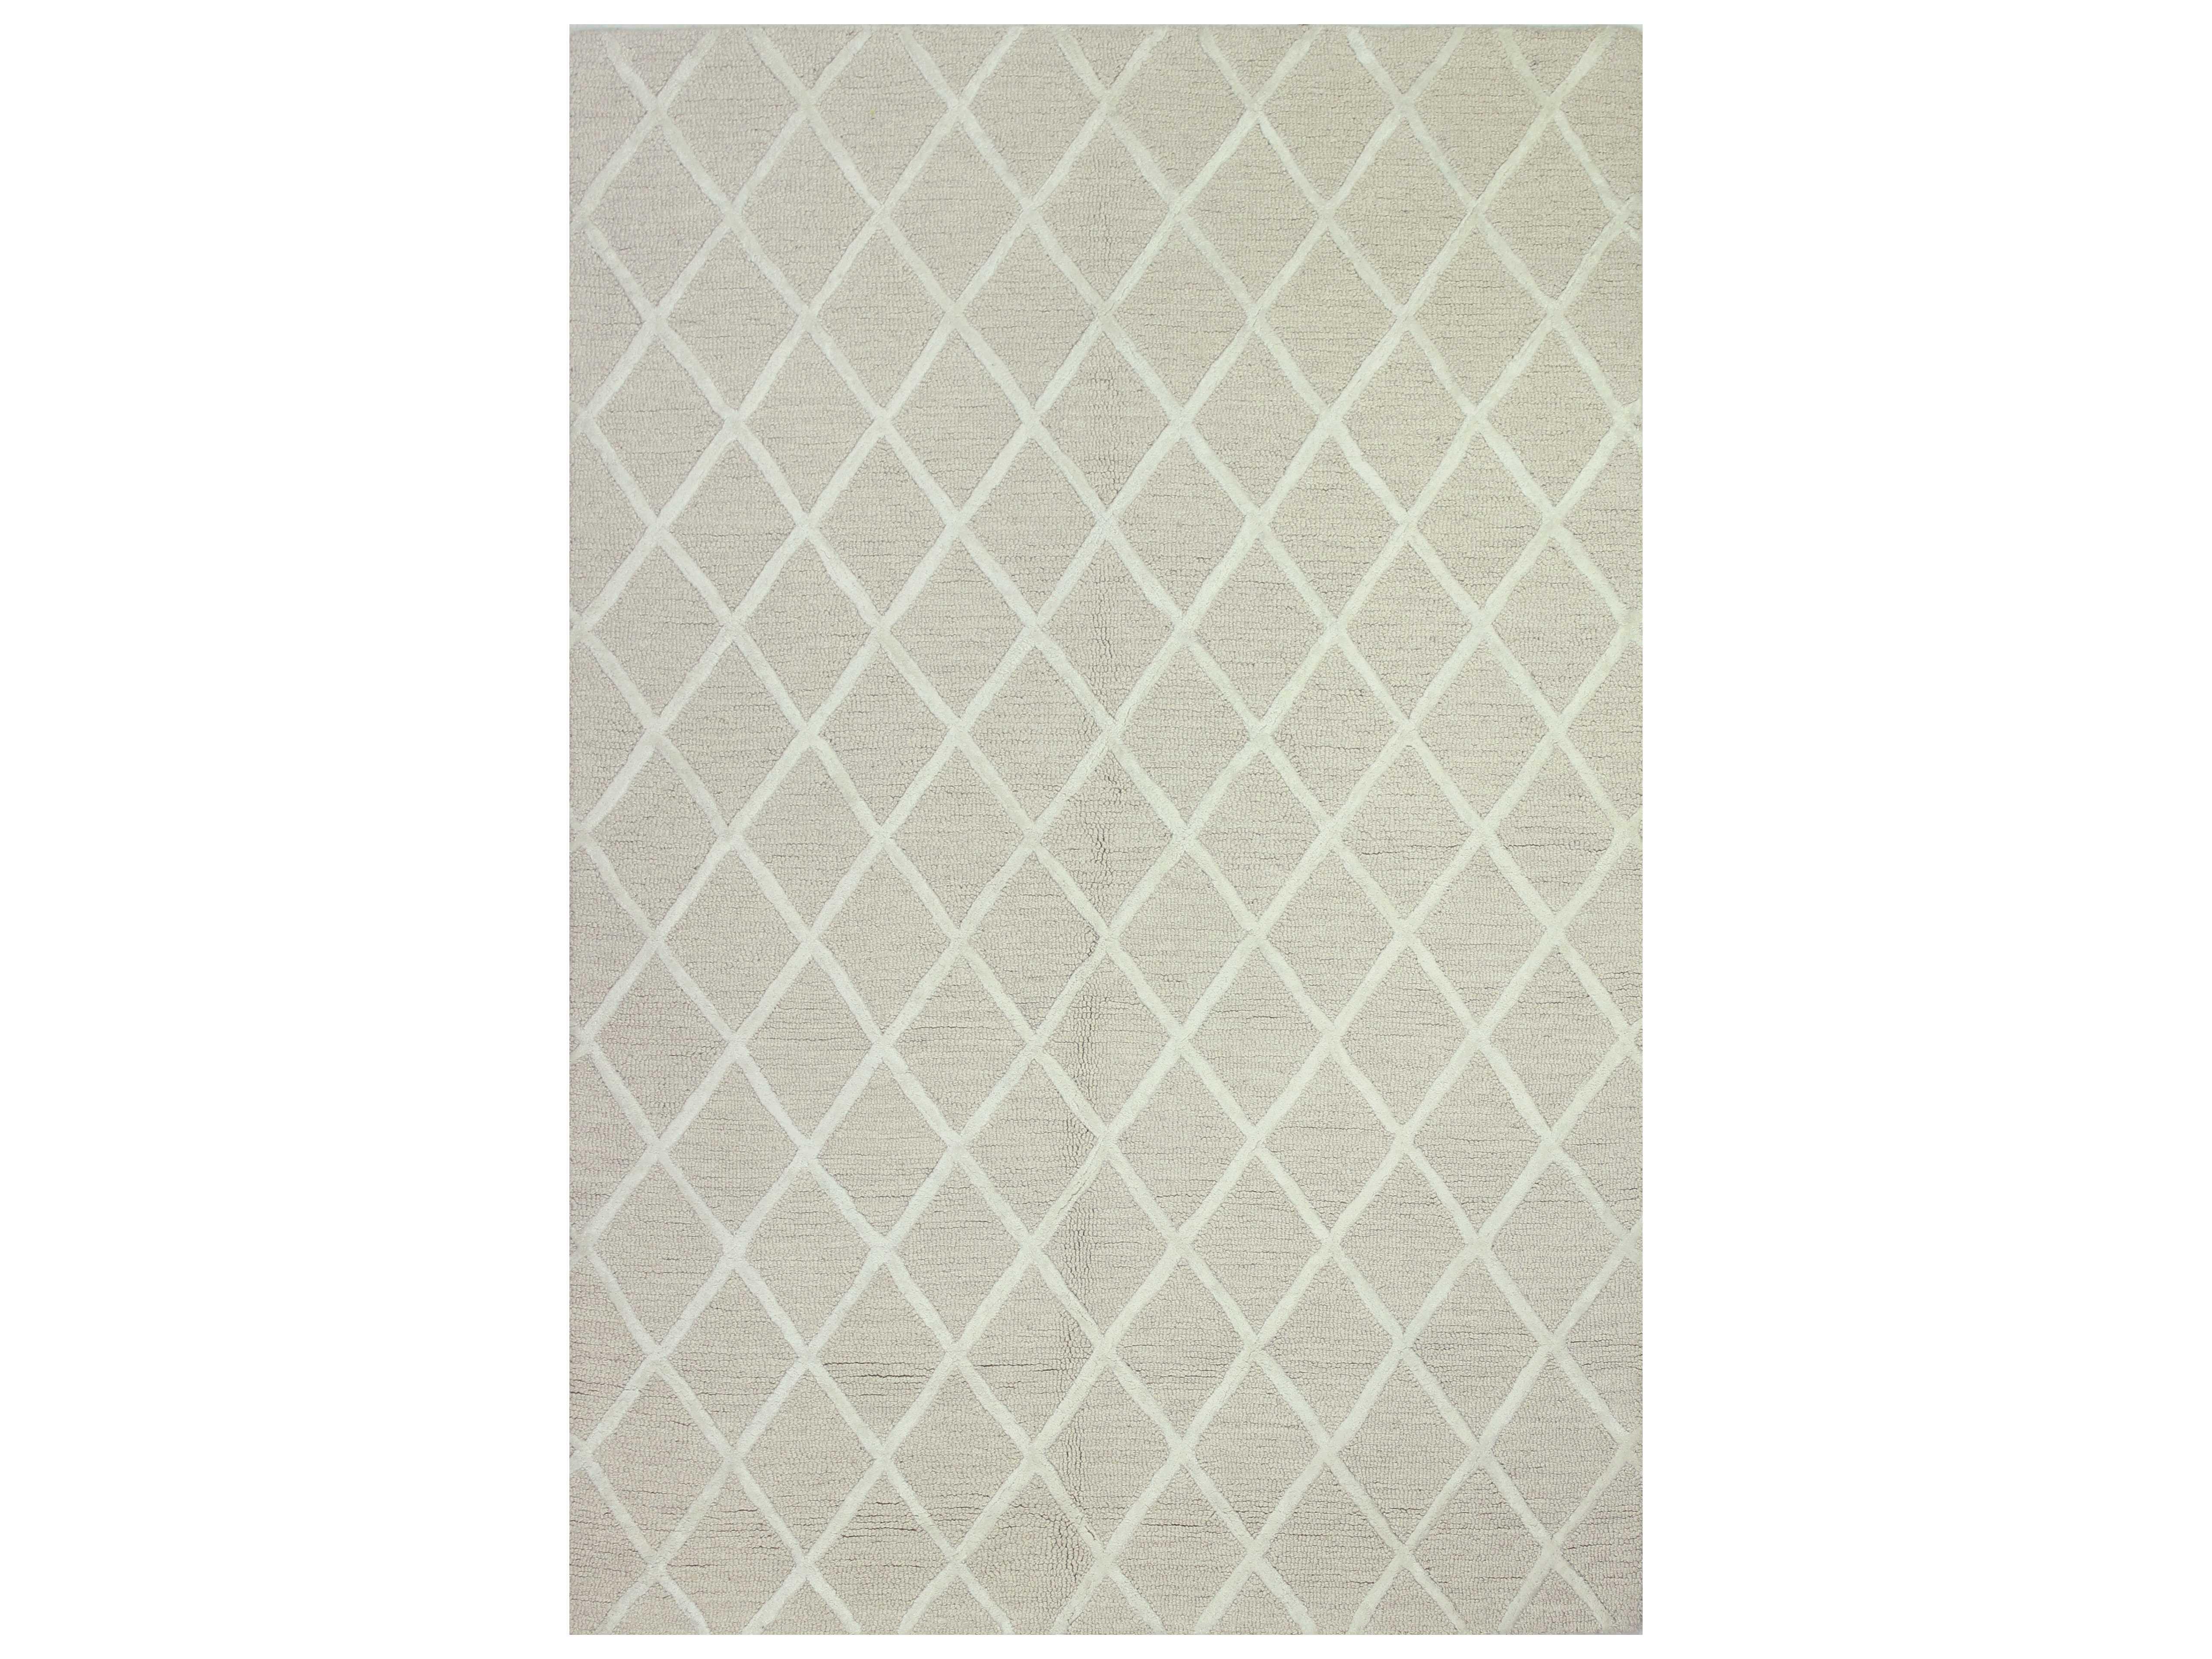 bashian rugs westwood rectangular ivory area rug r135 iv